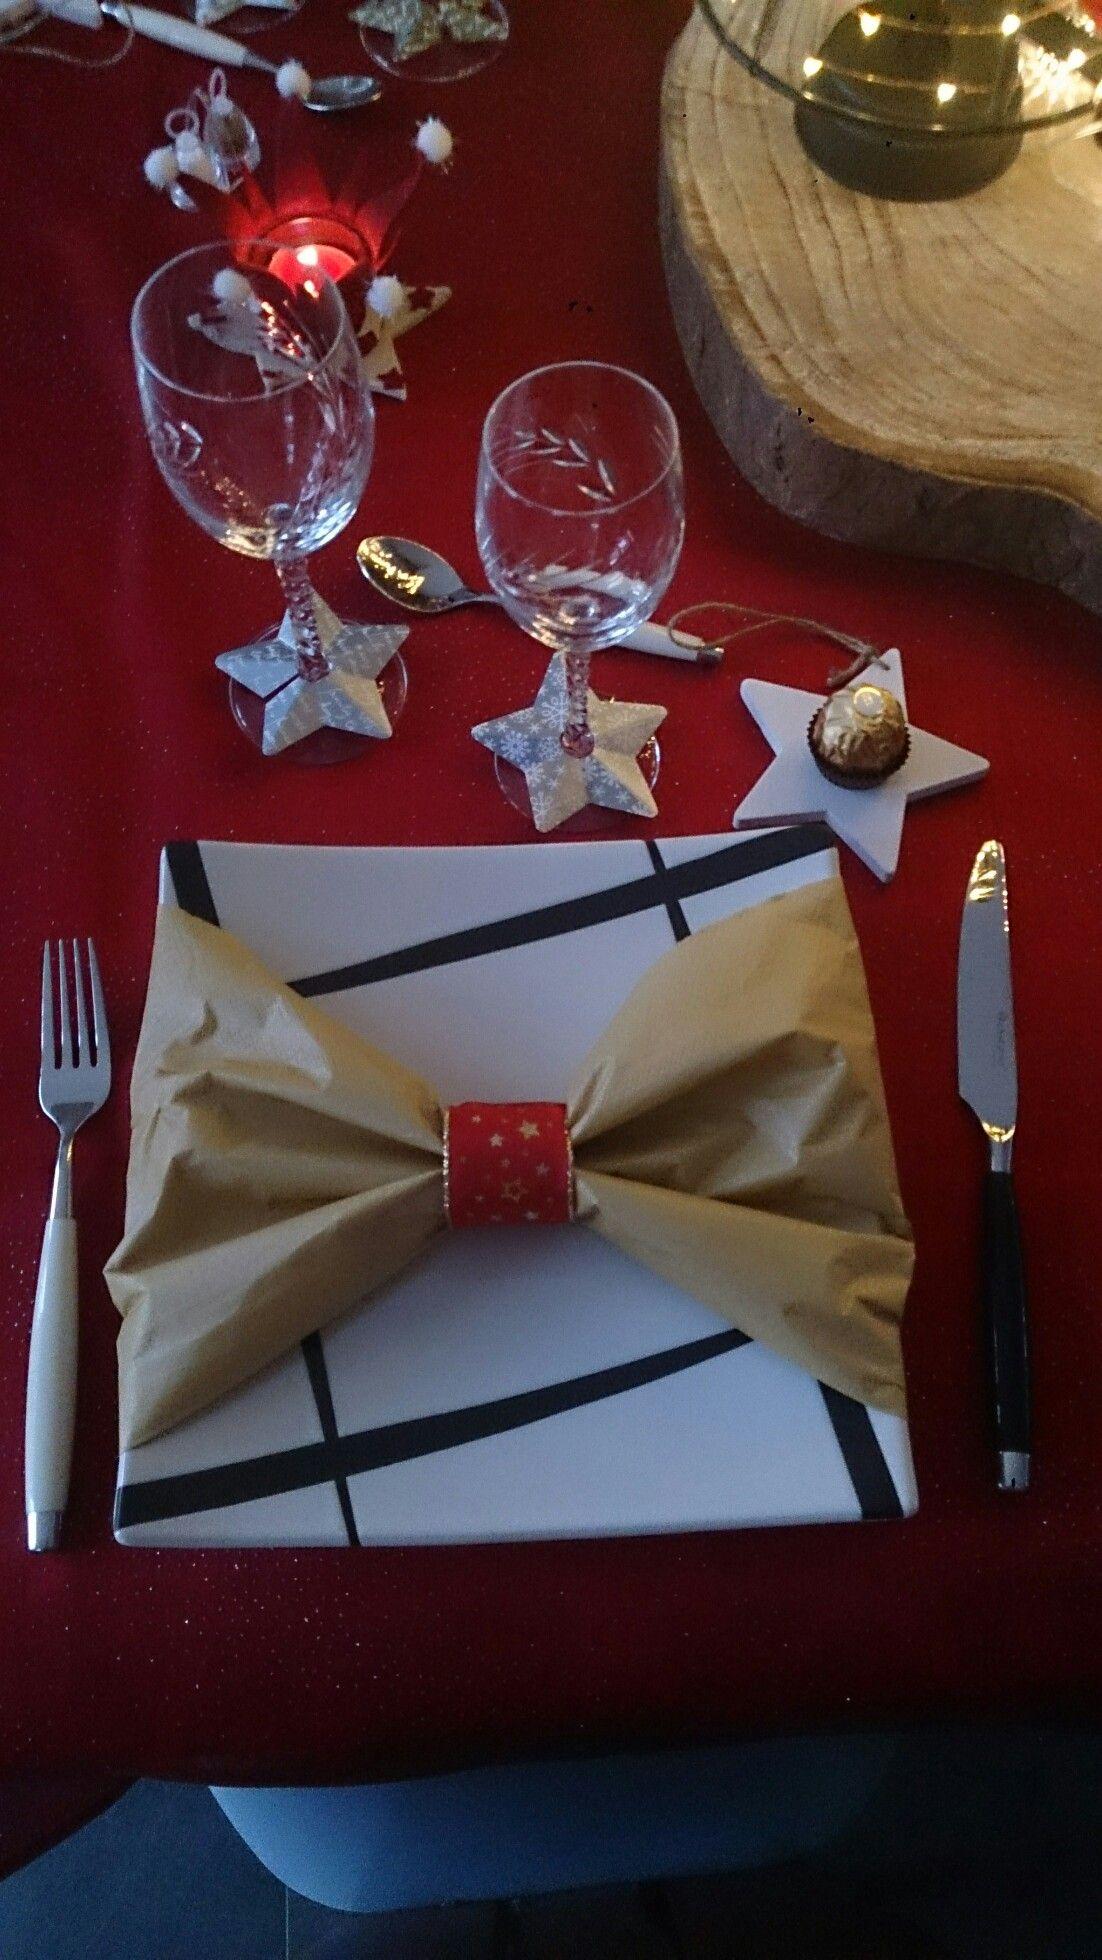 Serviette en papier avec rond de serviette fait à partir